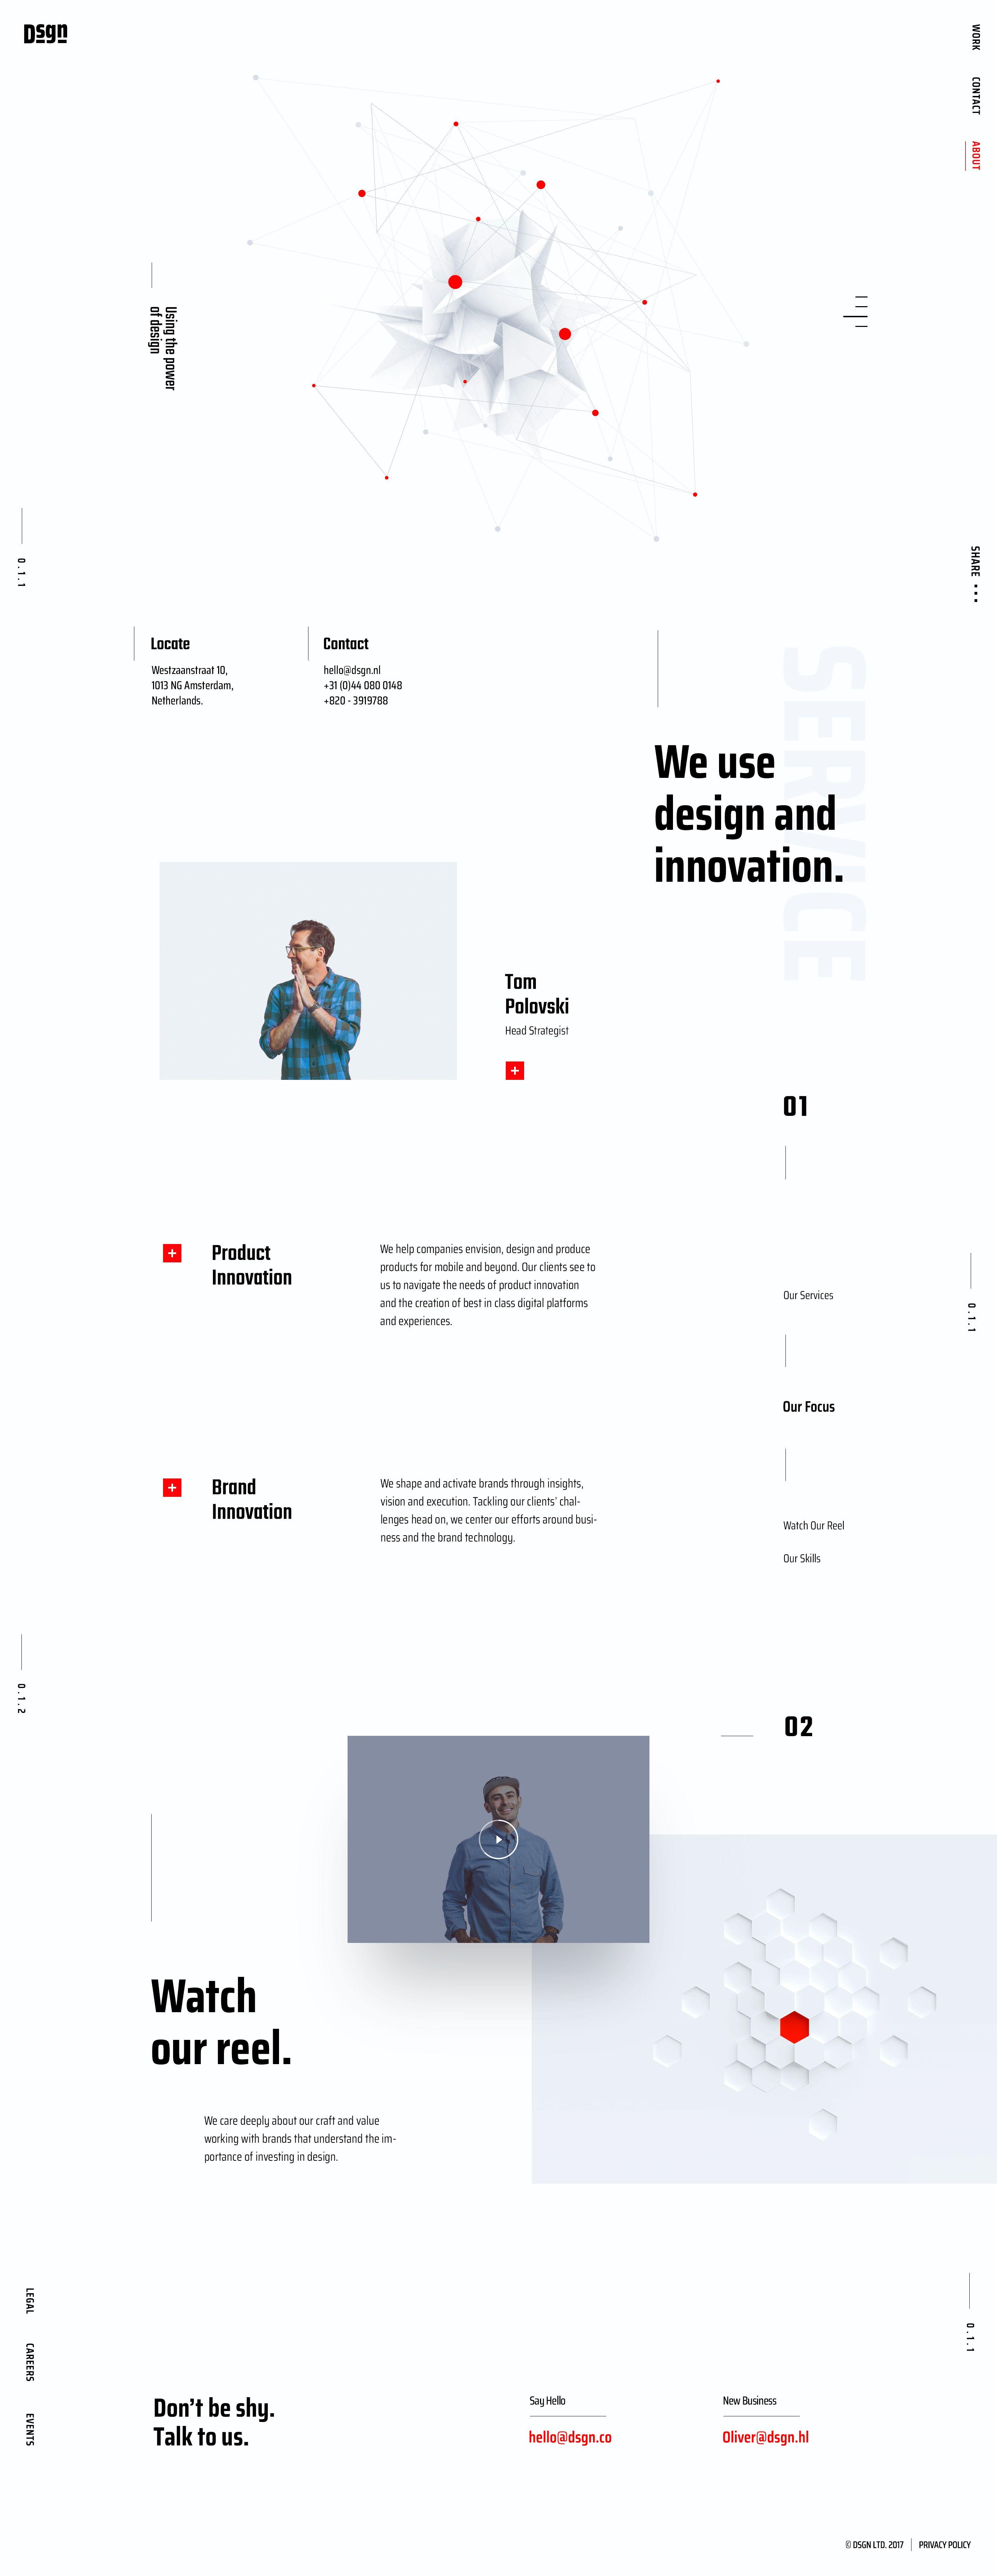 Bad designtrends website page concept for creative digital agency  ui u ux design